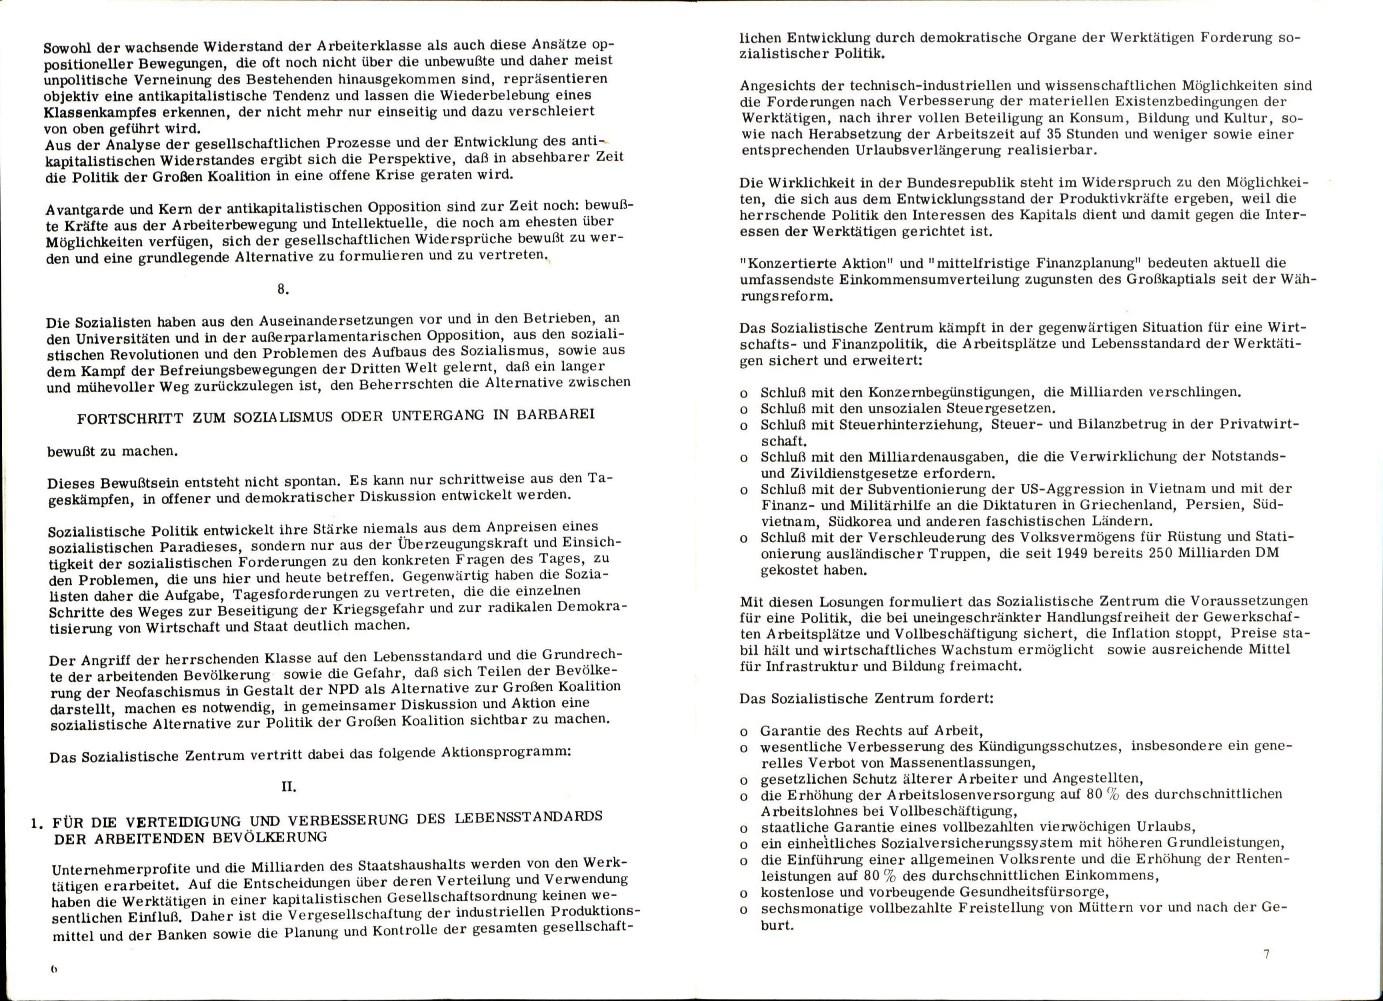 Sozialistisches_Zentrum_1968_Aktionsprogramm_04